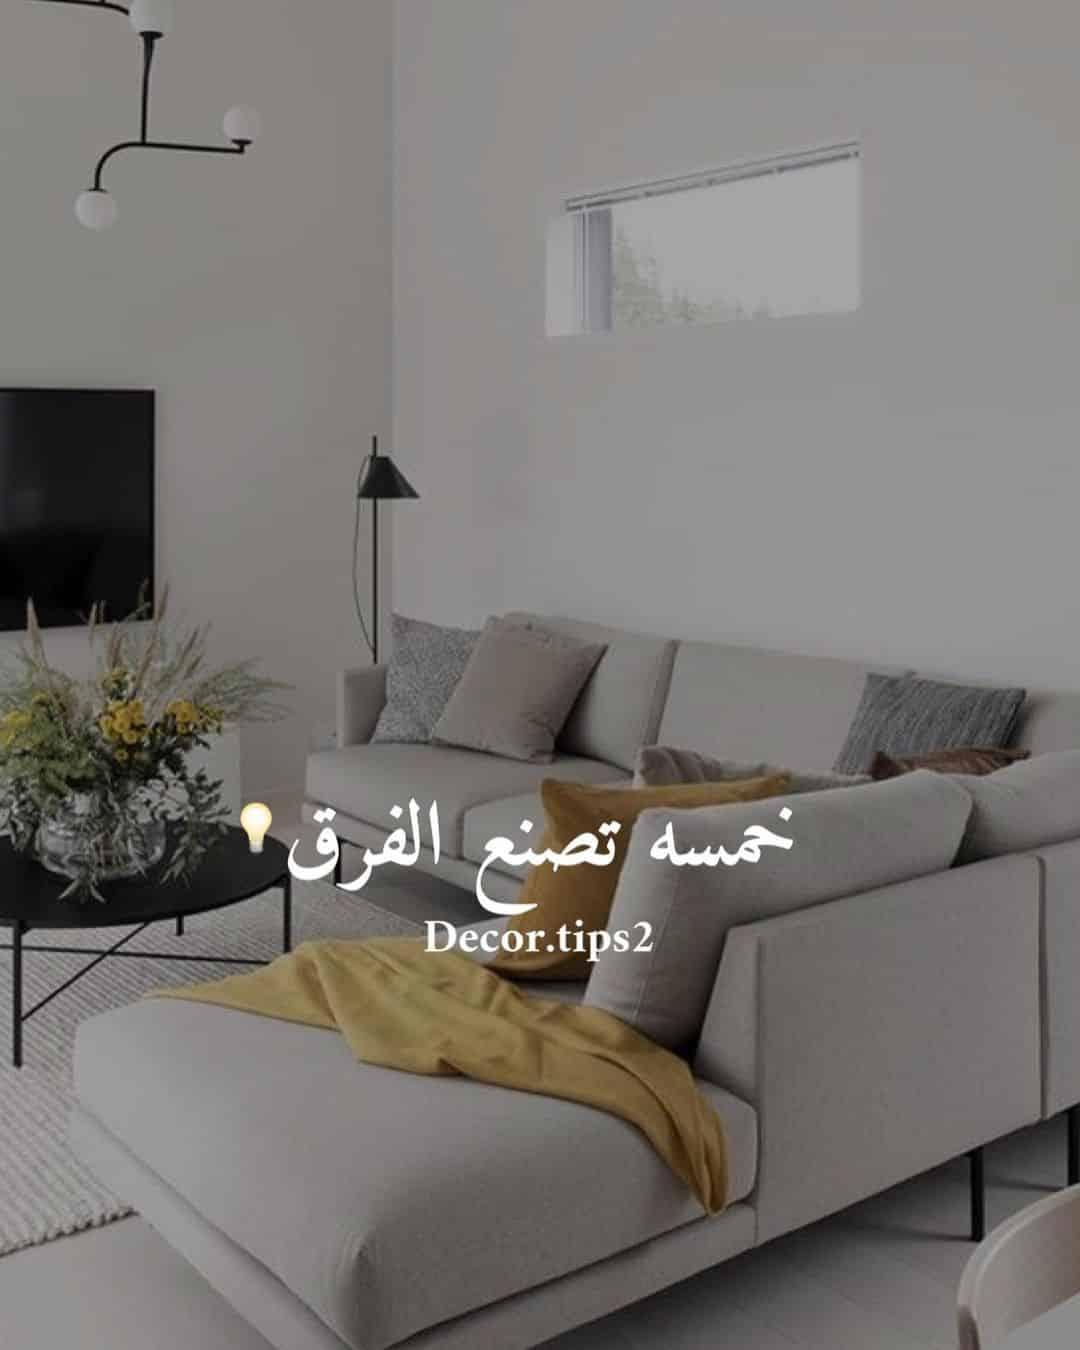 . صباحكم سعاده و رضا يارب .  موضوع بسيط وجميل عن خمس امور تصنع الفرق في غرف ال…